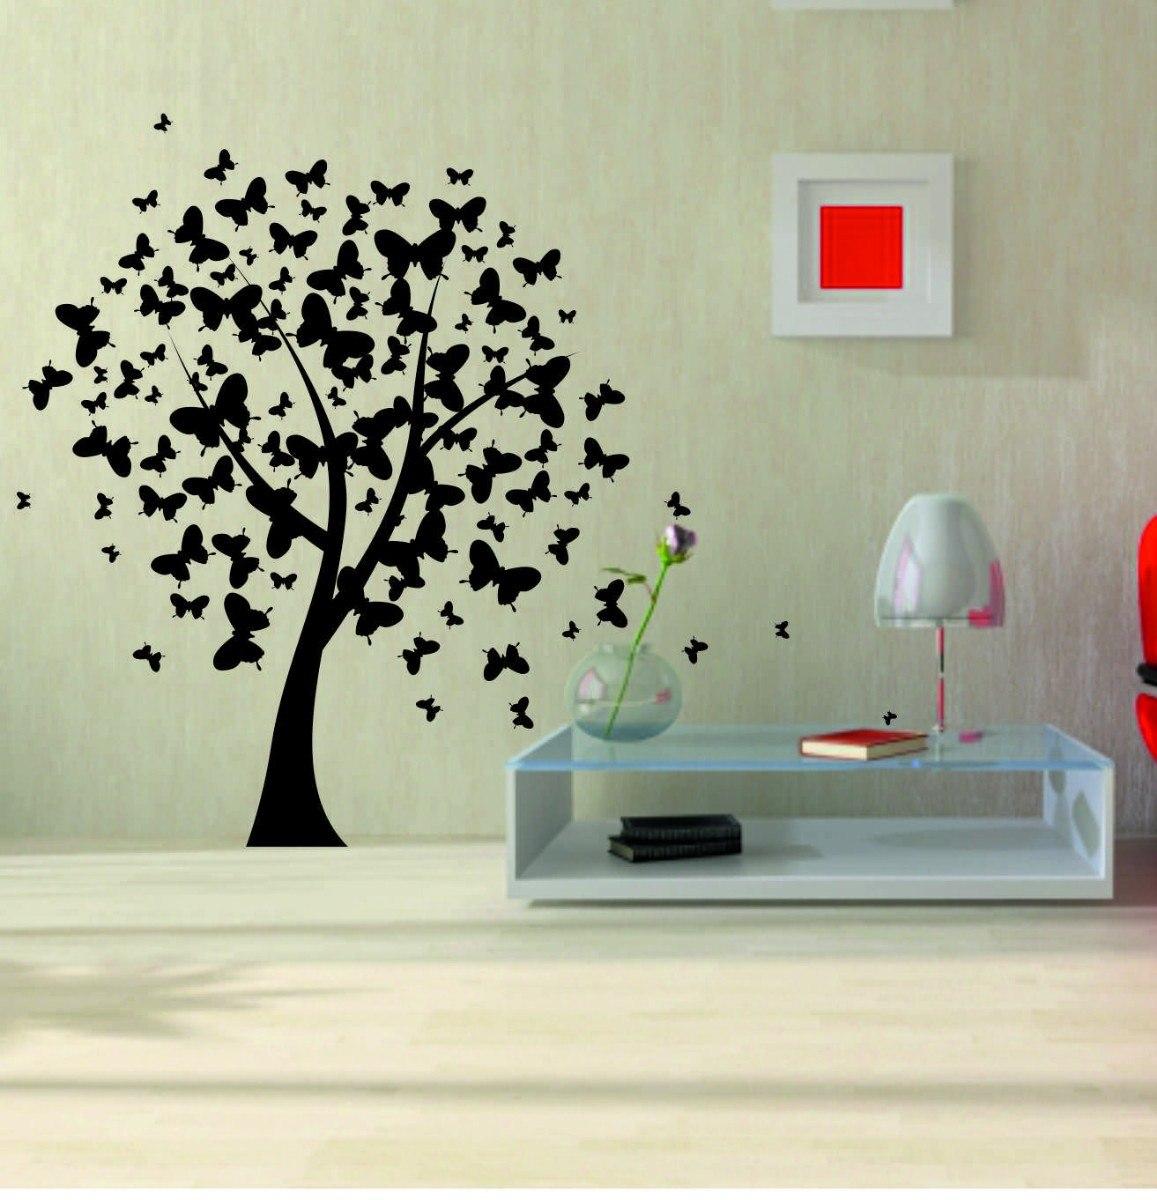 Vinilos decorativos de pared arboles y florales regalo for Donde conseguir vinilos decorativos